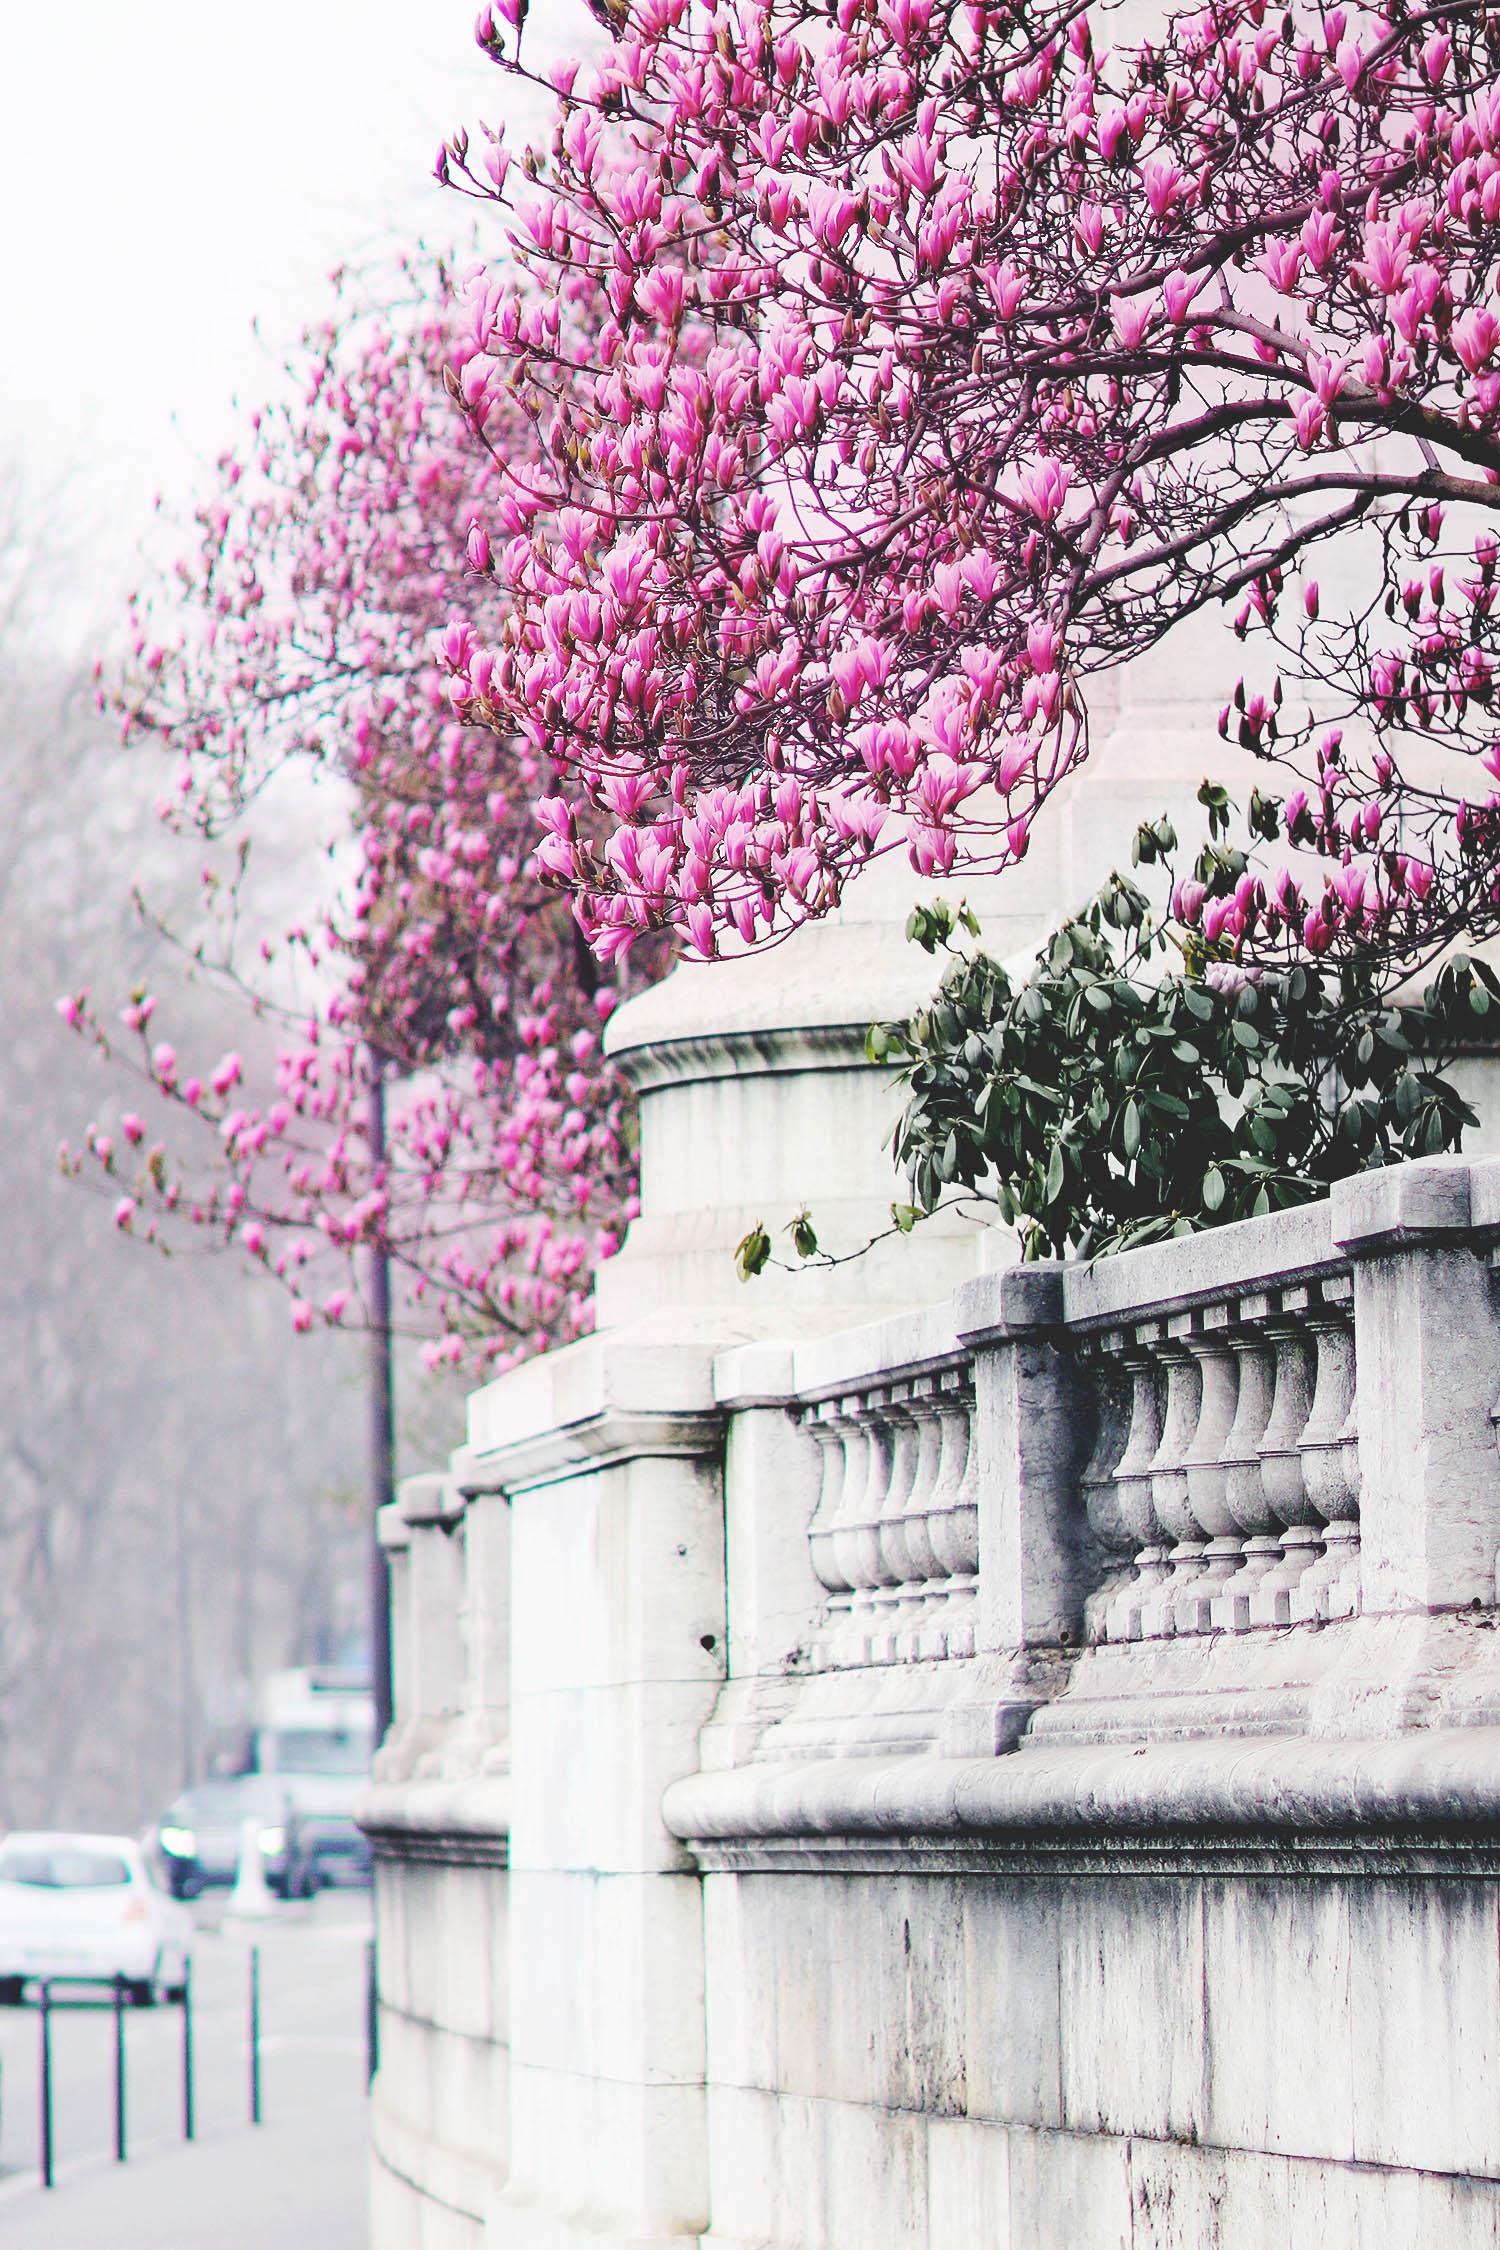 magnolia@2x